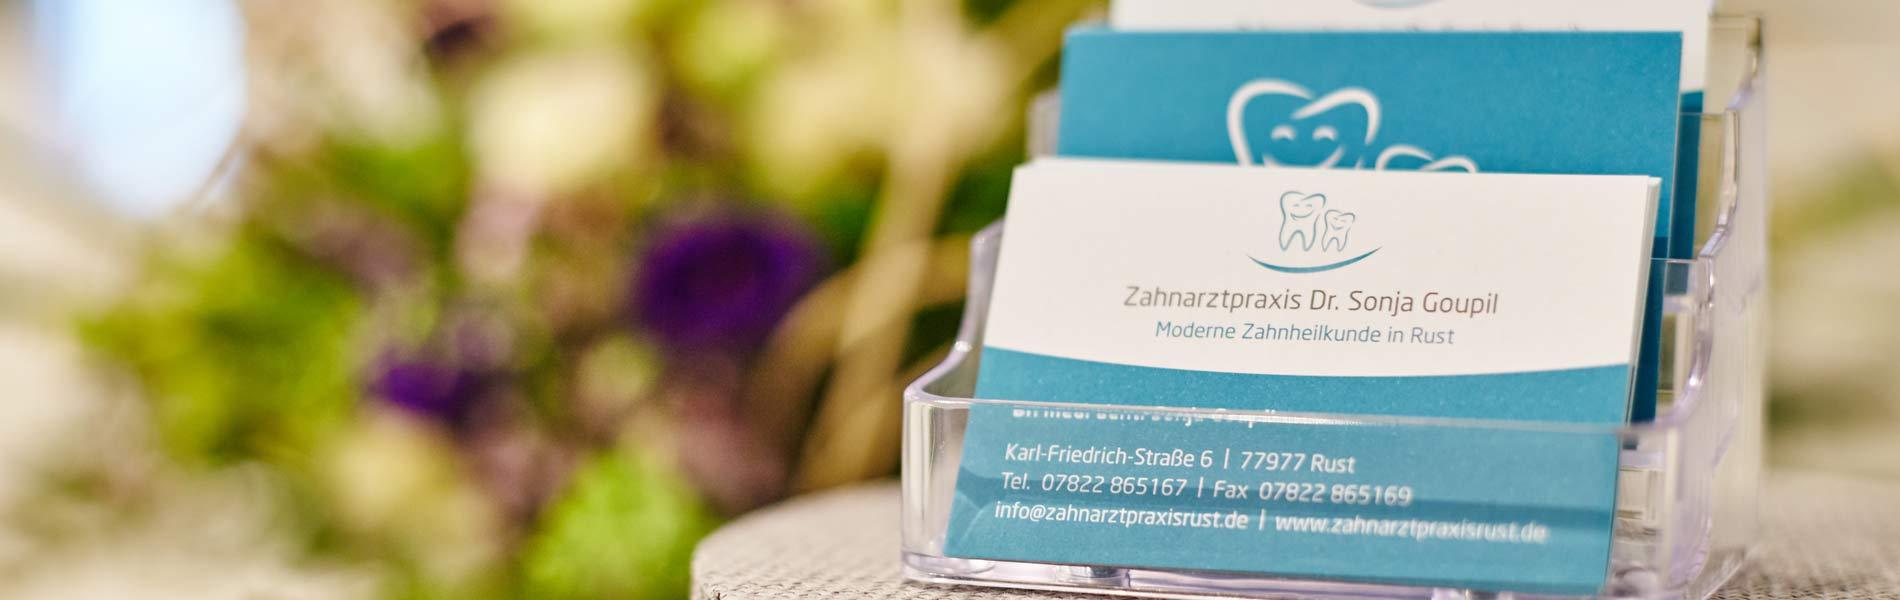 Zahnarztpraxis Dr. Sonja Goupil - Ganzheitliche Zahnheilkunde 2